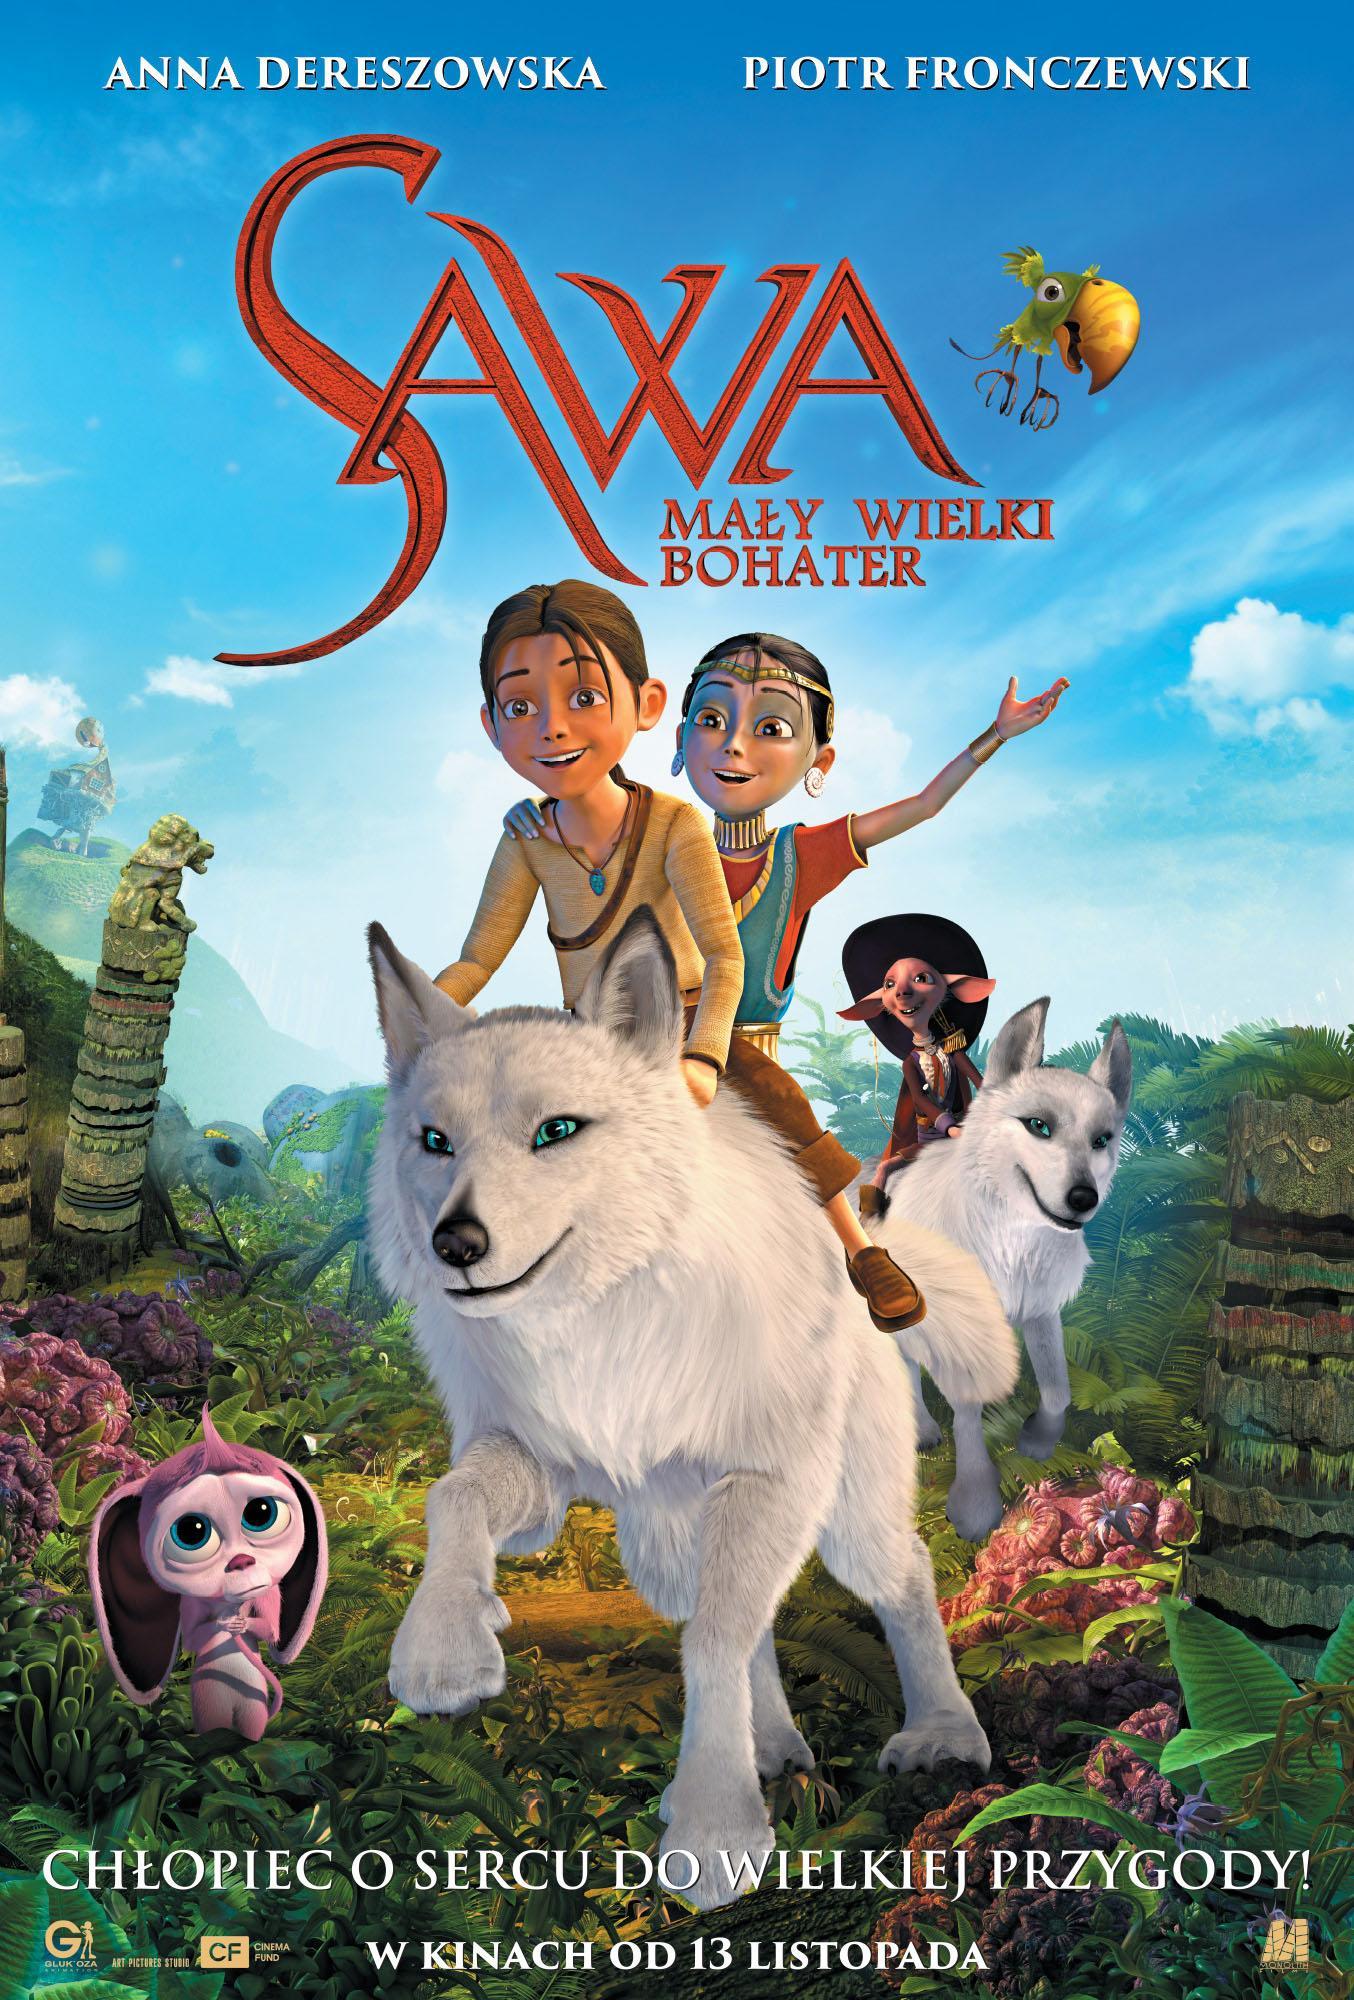 Sawa. Mały wielki bohater (dubbing)